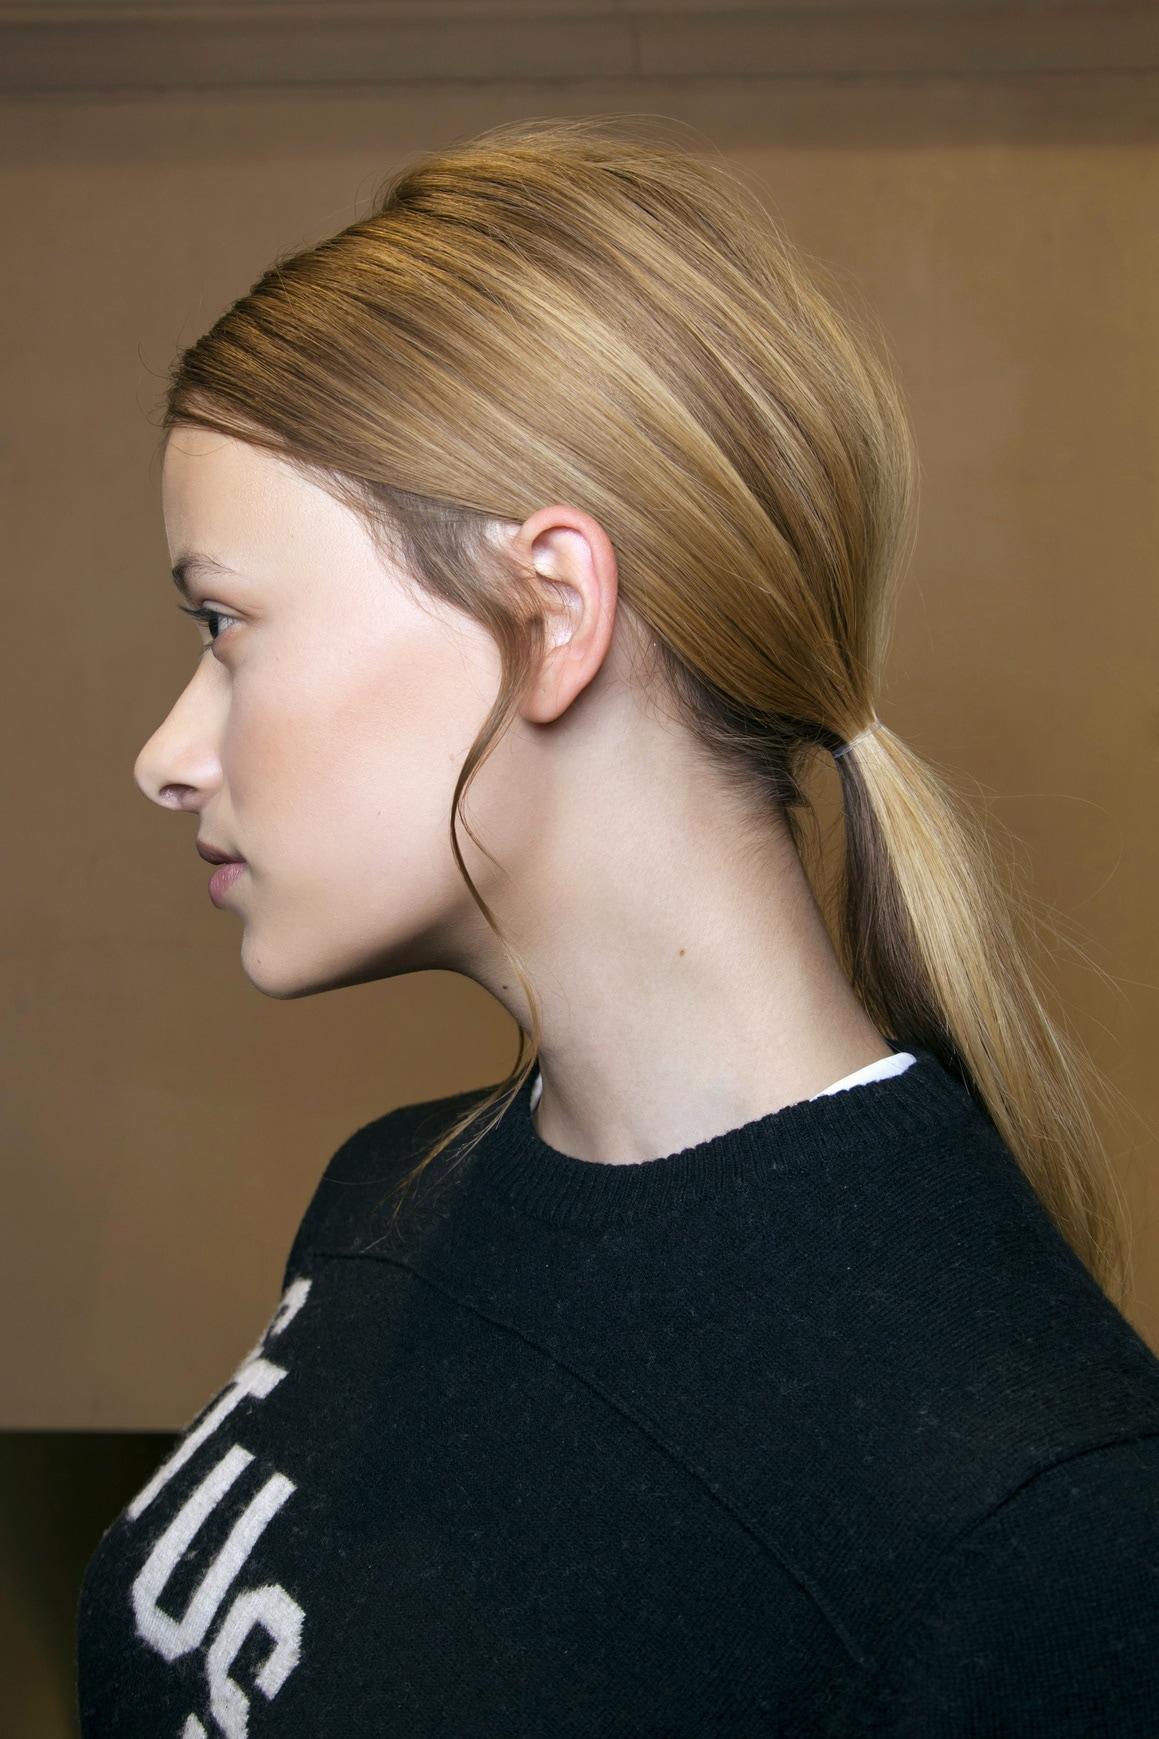 Brown hair colour ideas: All Things Hair - IMAGE - blonde brown hair highlights